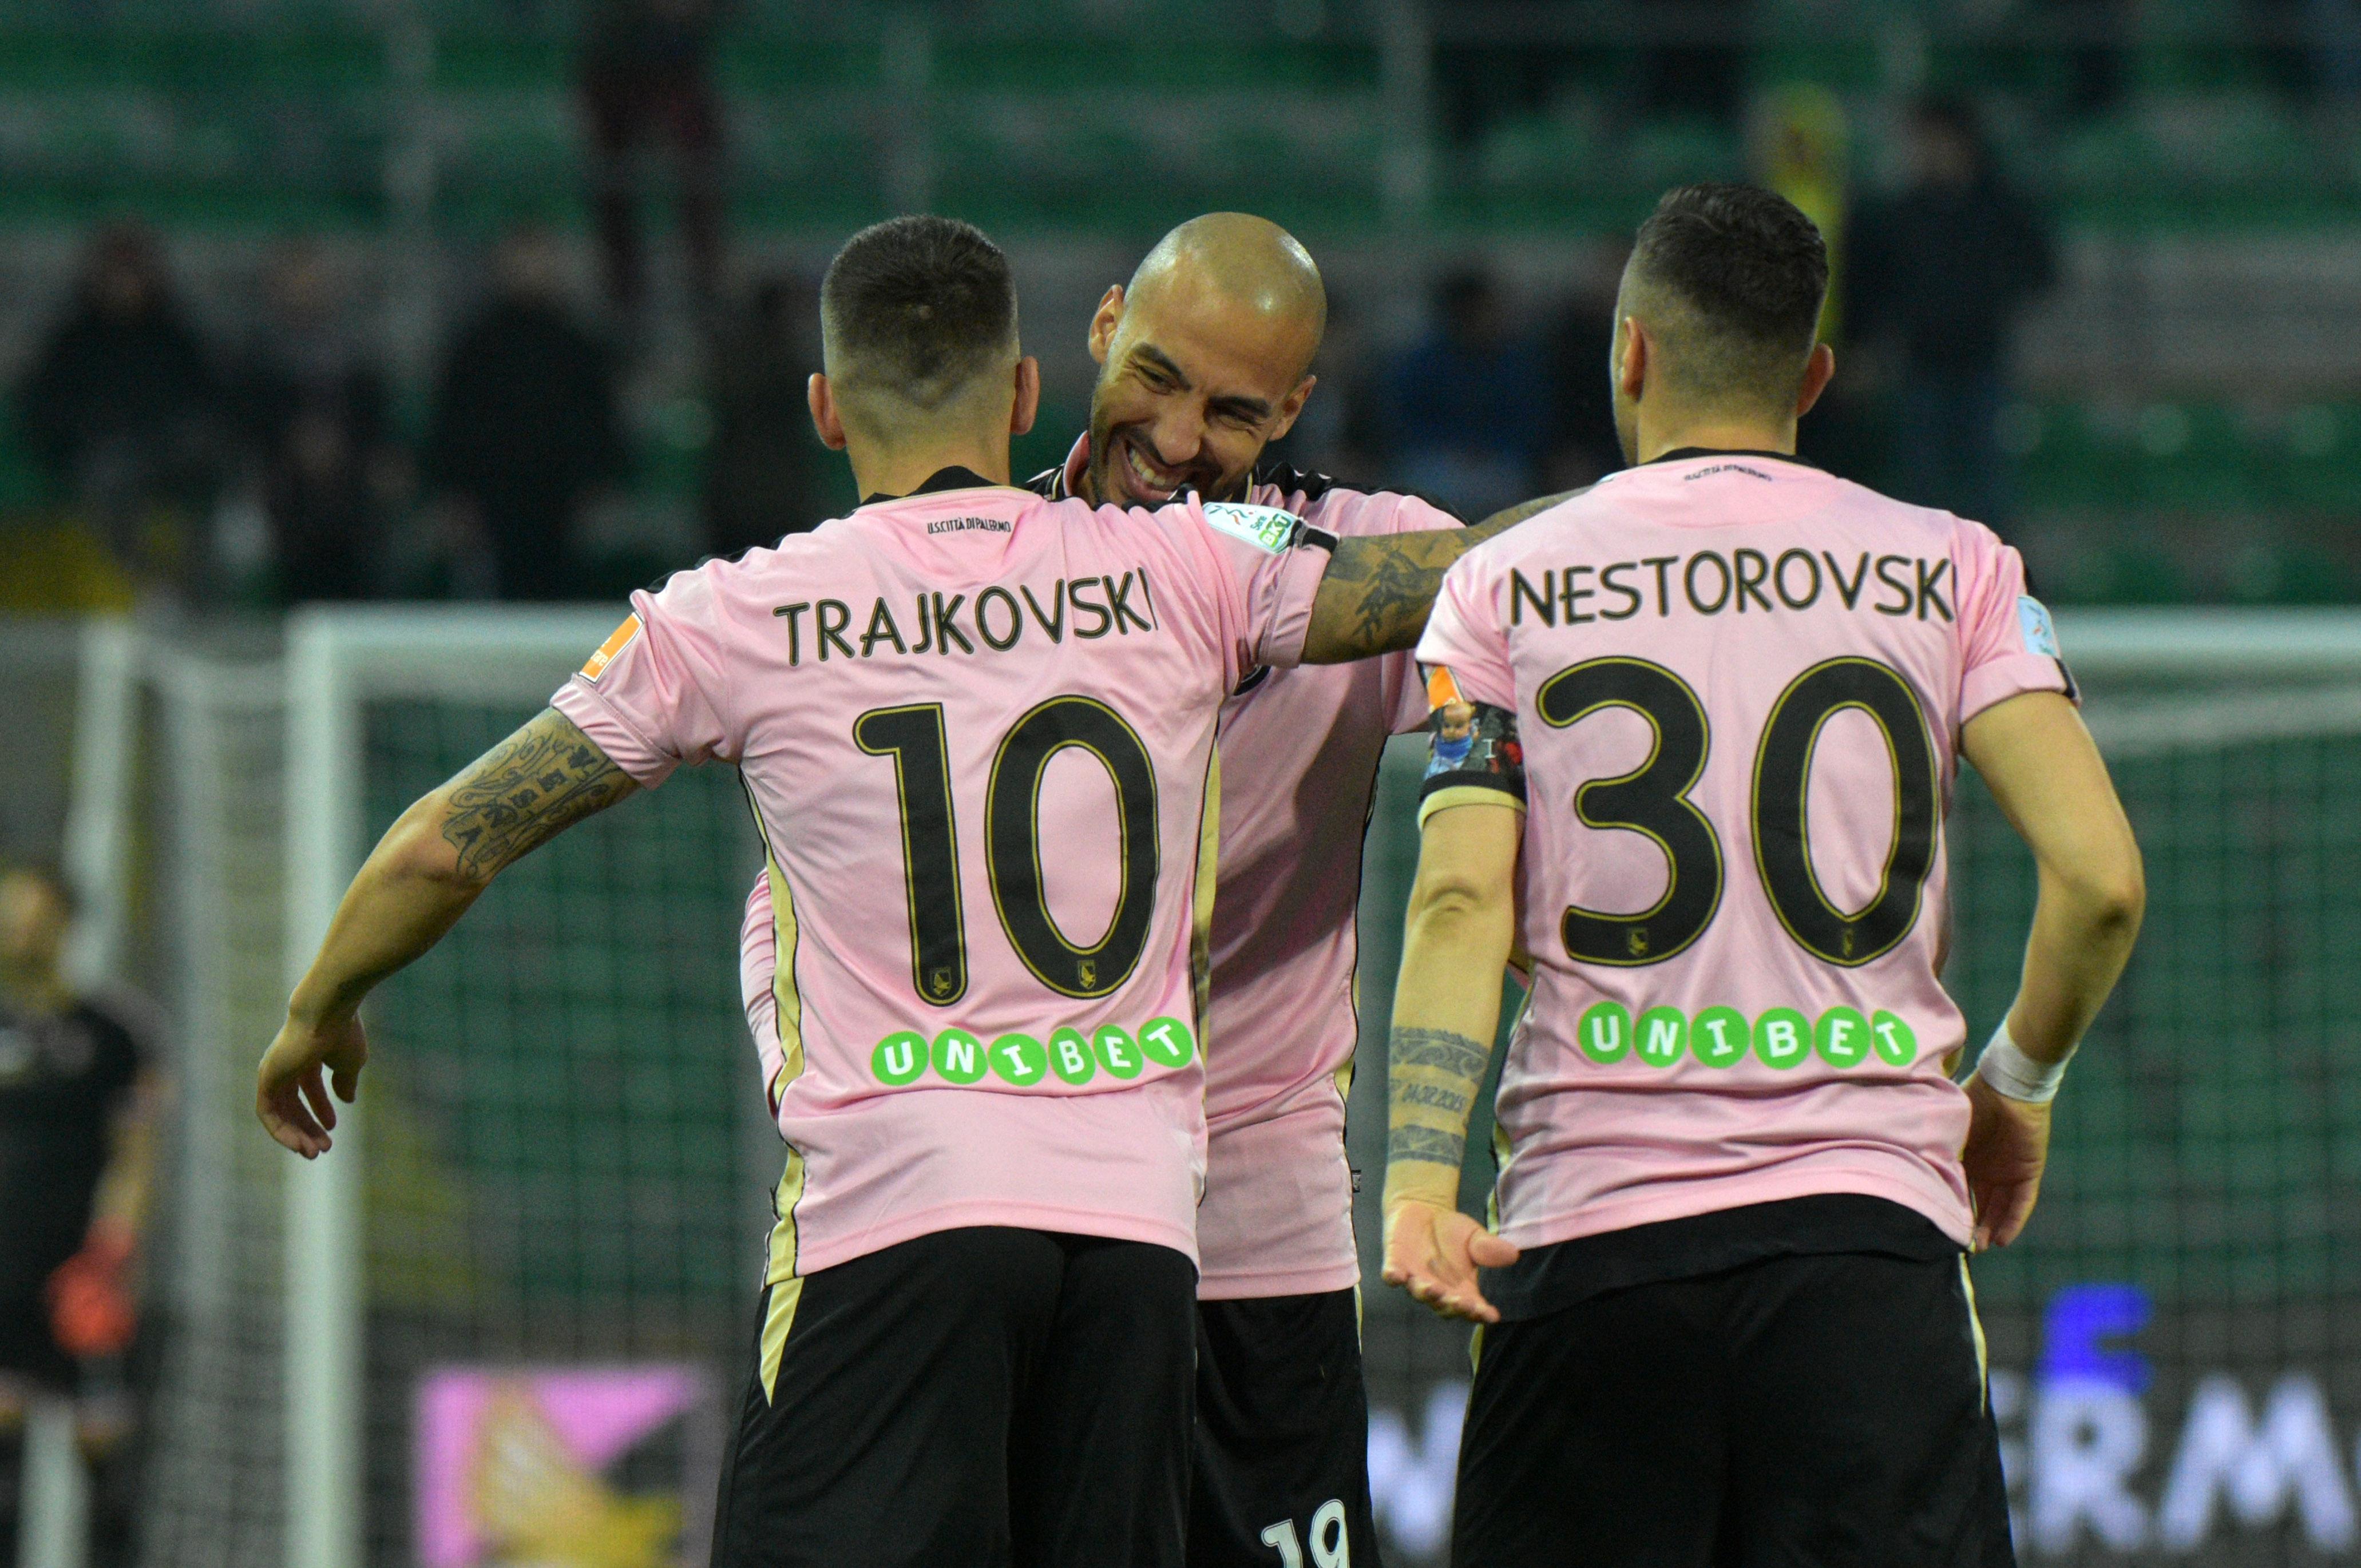 """(AGGIORNATO L'8 APRILE, ORE 08.00).Ecco le probabili formazioni diPalermo – Verona, match valido per la 32a giornata del campionato di Serie B 2018-2019 (appuntamentolunedì8 aprile, alle ore 21.00, stadio """"Renzo Barbera"""" di Palermo): PALERMO (4-3-1-2):Brignoli; Rispoli, Bellusci, Rajkovic, Aleesami; Murawski (Fiordilino), Jajalo, Haas; Trajkovski; Moreo (Puscas), Nestorovski. All. Stellone Infortunati: Falletti, Salvi, Chochev Squalificati: / VERONA (4-3-3):Silvestri; Bianchetti, Dawidowicz, Empereur, Balkovec; Faraoni, Gustafson, Zaccagni; Lee, Pazzini, Di Gaudio. Infortunati:Tozzo, Crescenzi, Kumbulla, Ragusa, Vitale Squalificati: / Resta il modulo, cambiano gli interpreti. Dopo la sconfitta di Pescara, Stellone e il Palermo preparano subito la sfida al Verona: Falletti non sembra ancora"""